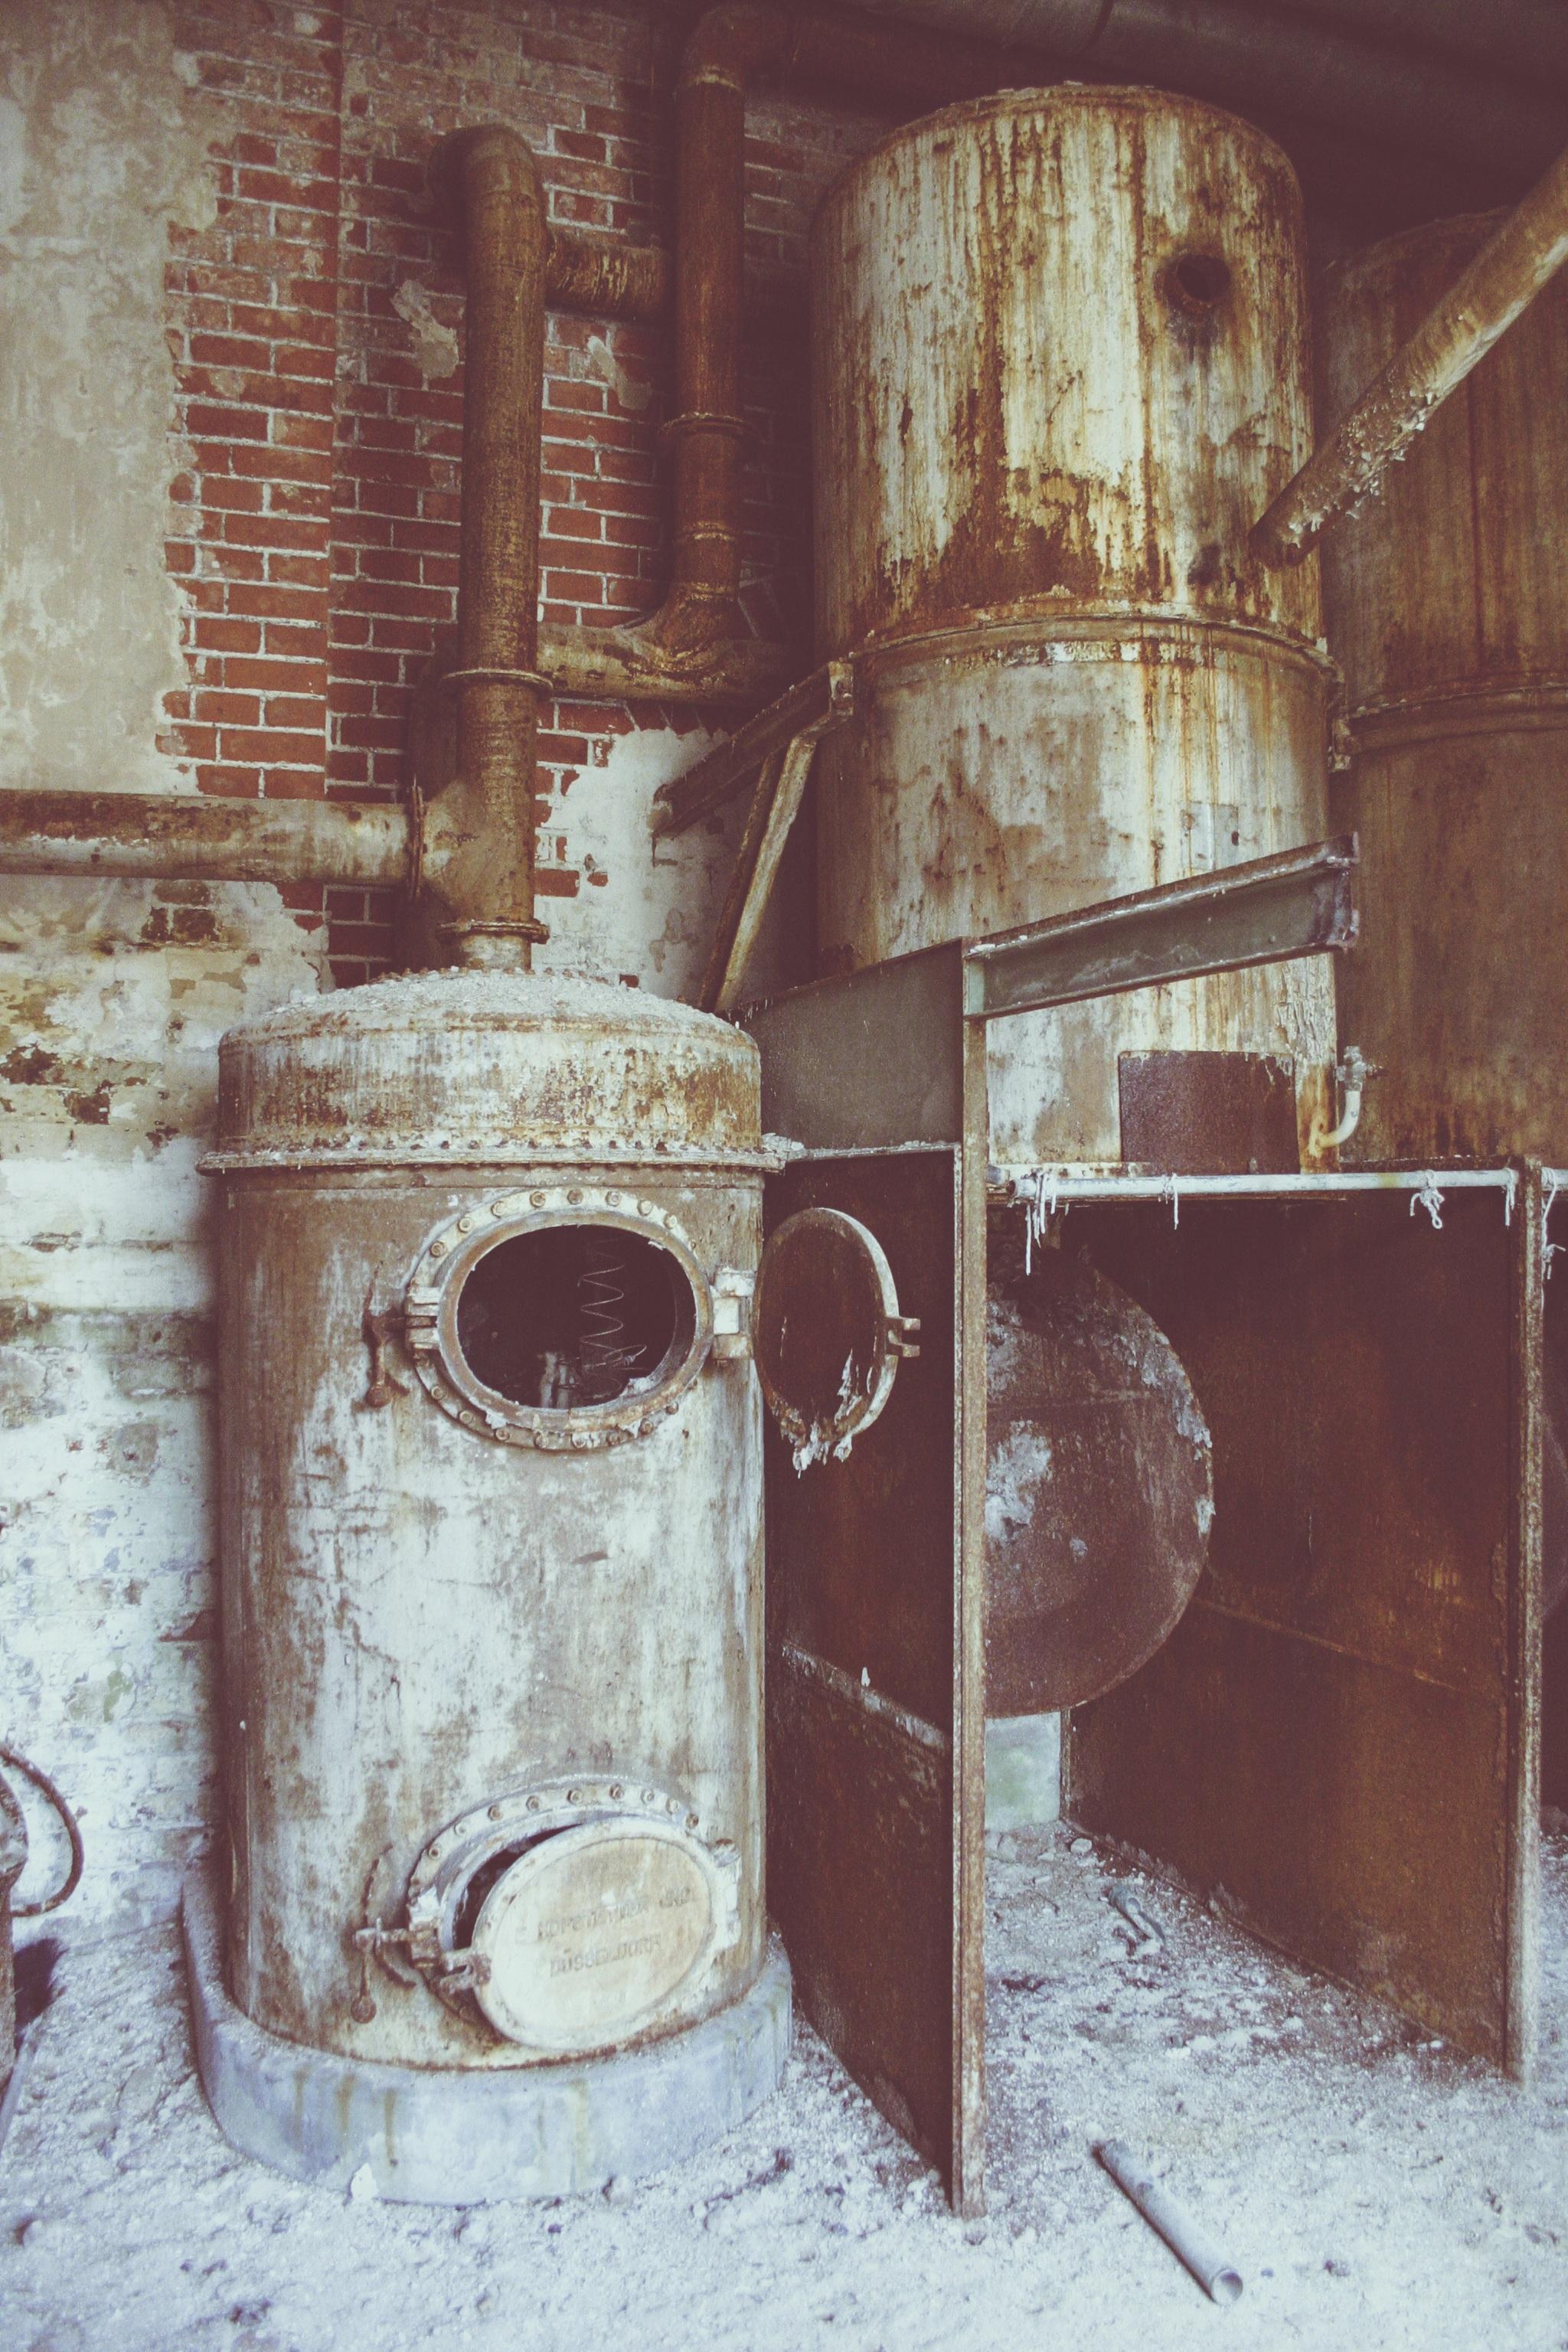 Fotograf Mimari Ahsap Bina Eski Duvar Salon Kirik Cephe